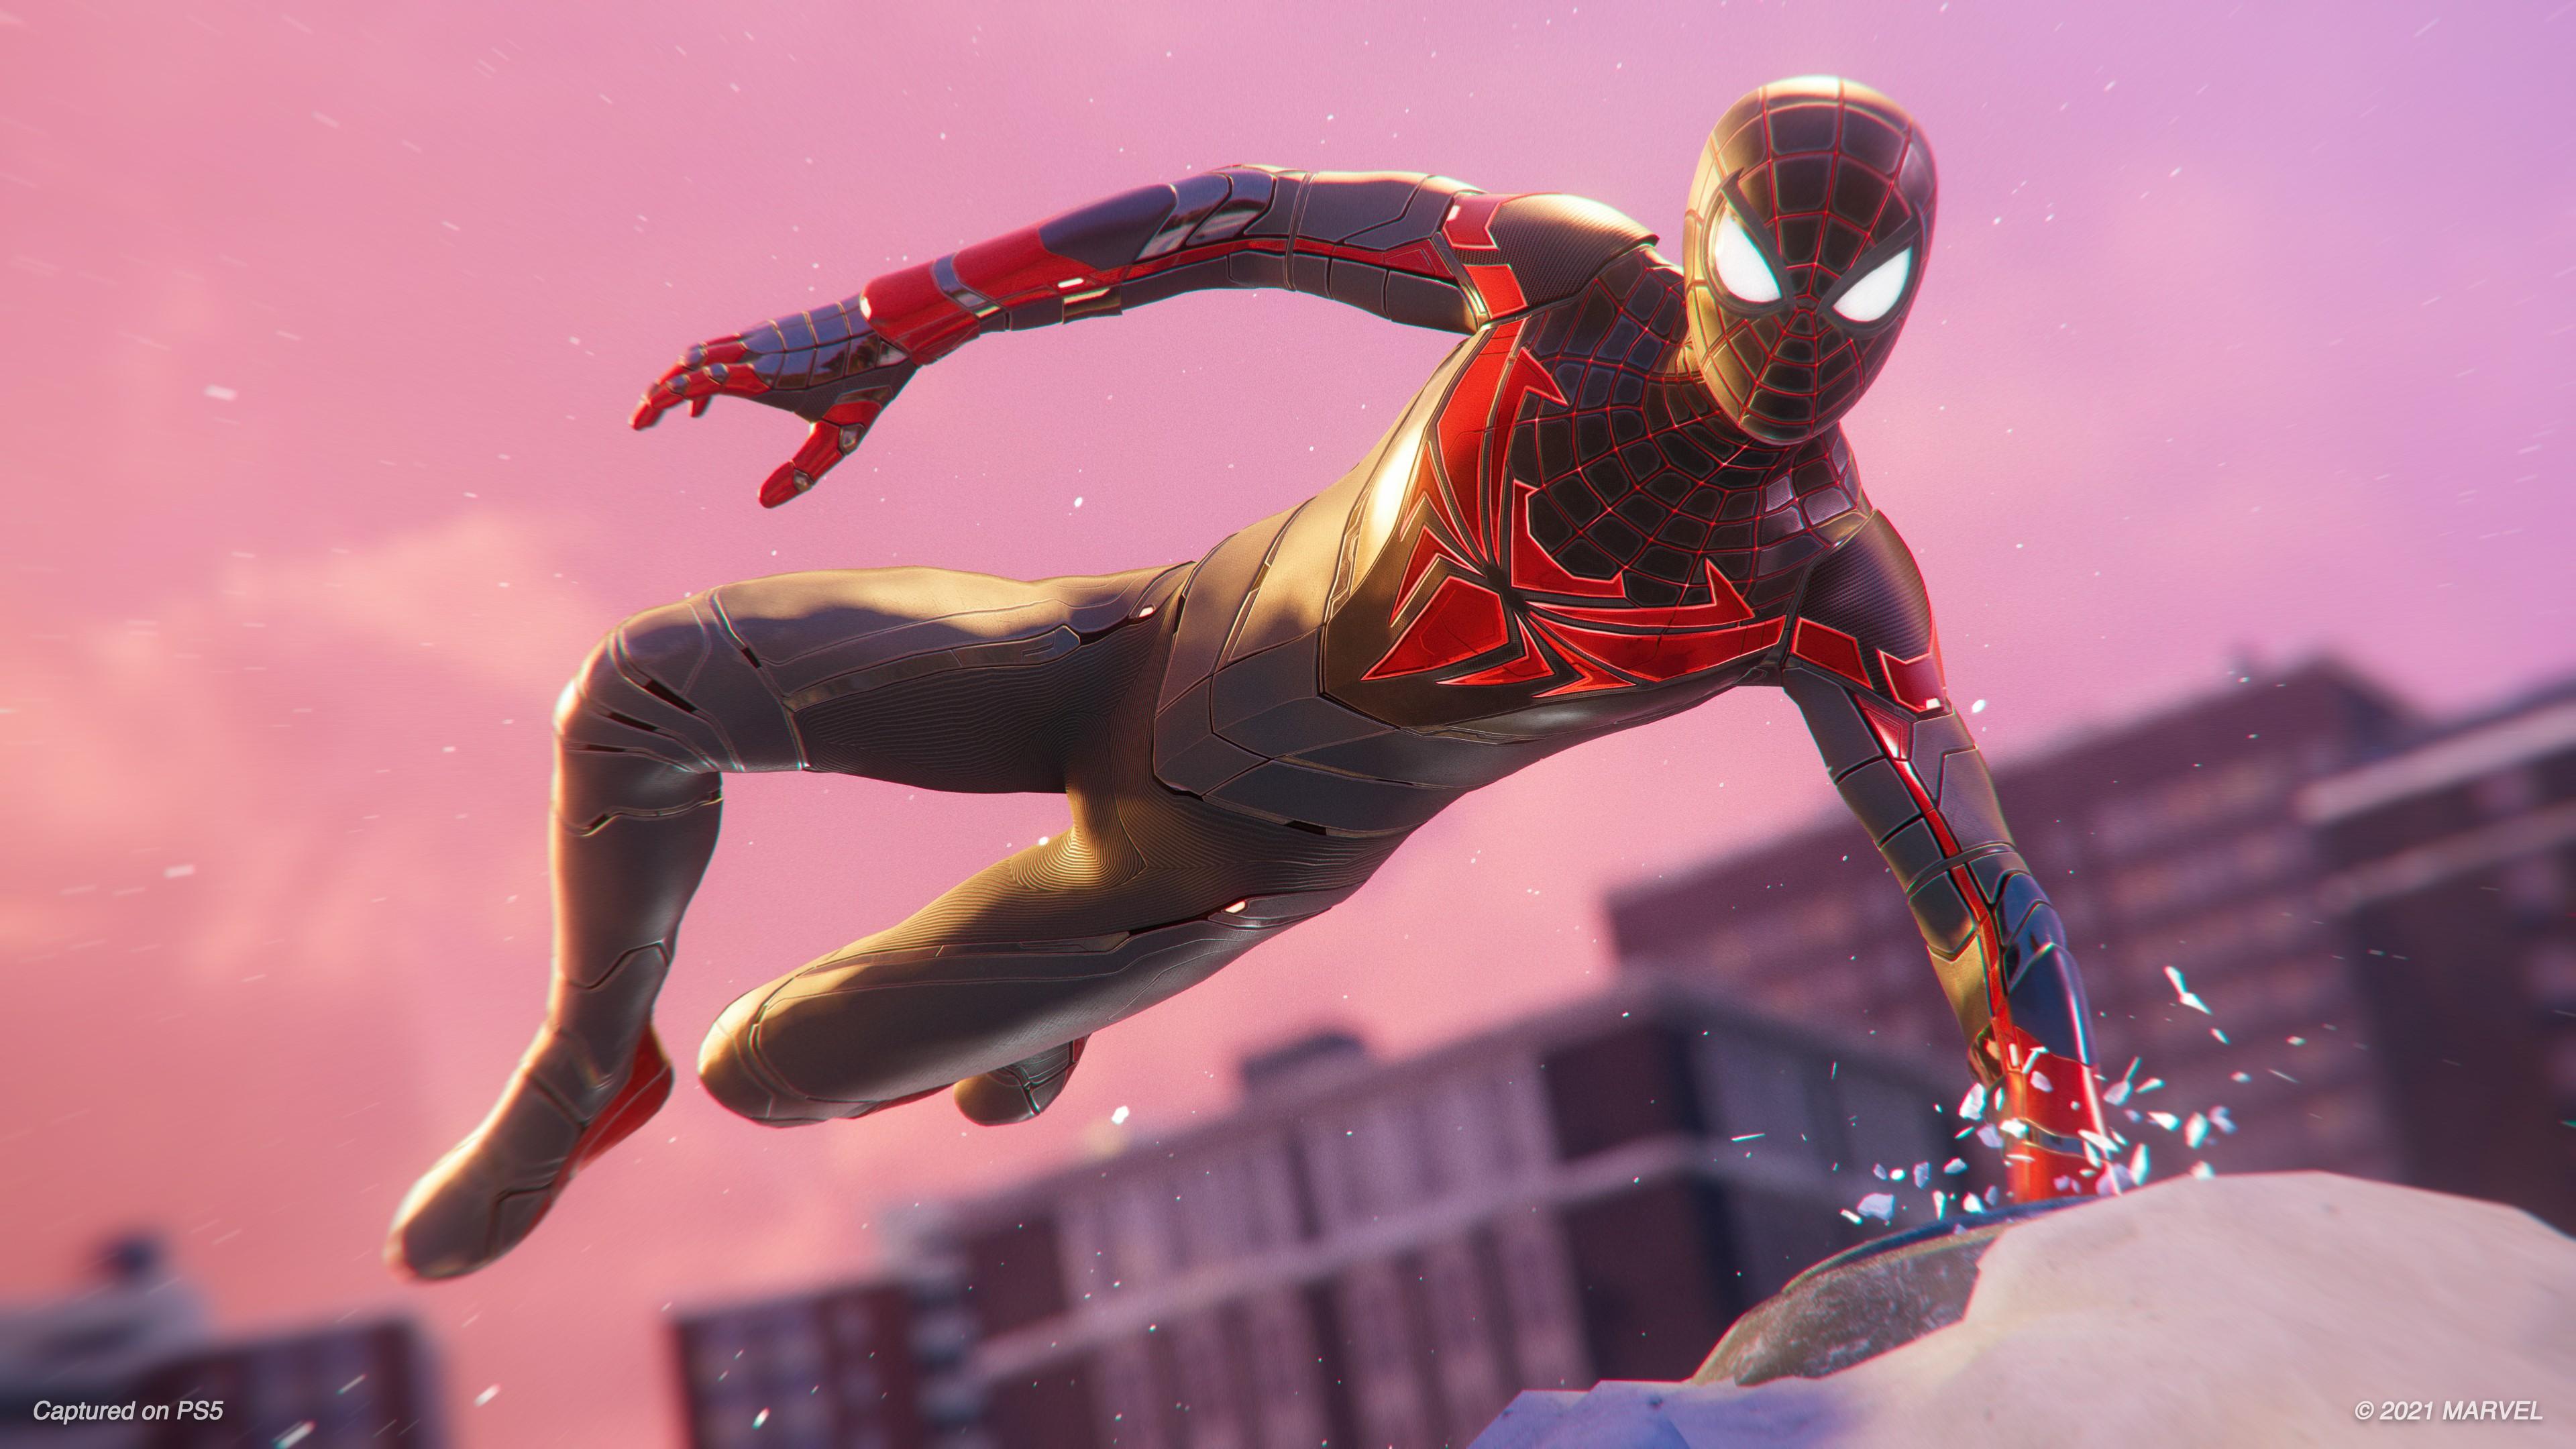 В Marvel's Spider-Man: Miles Morales добавили реалистичную деформацию мышц и новый костюм 2